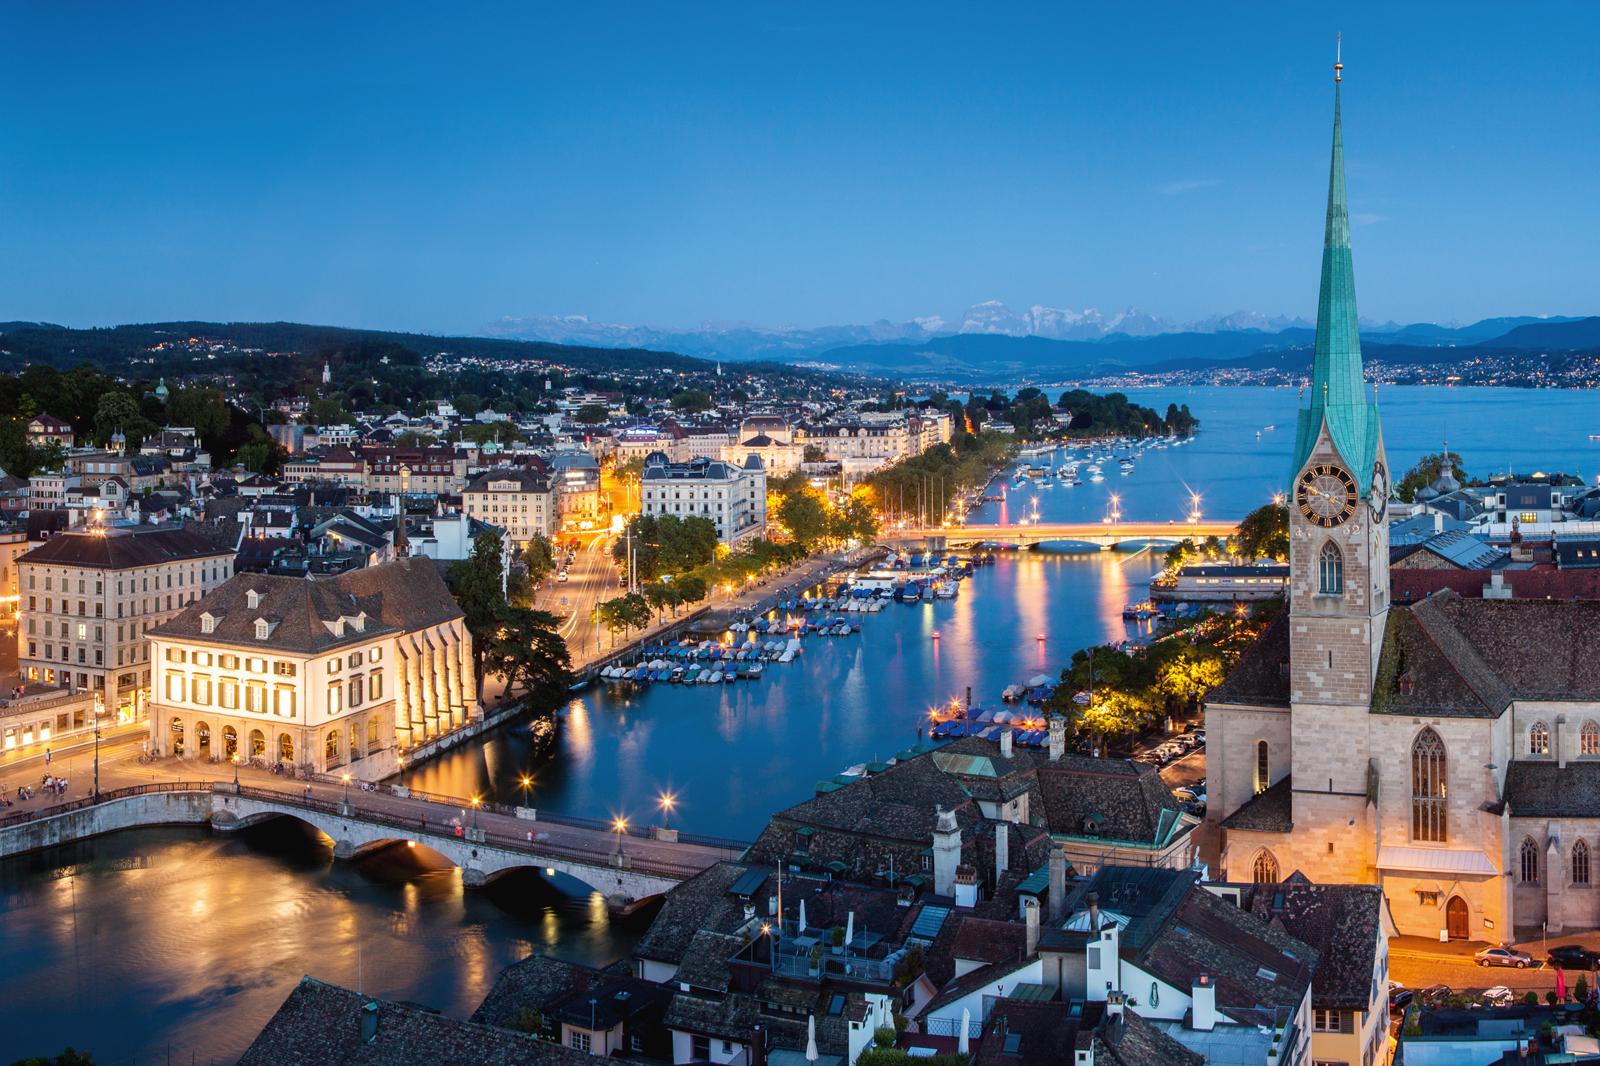 Zurich, Limmat River (ZH)